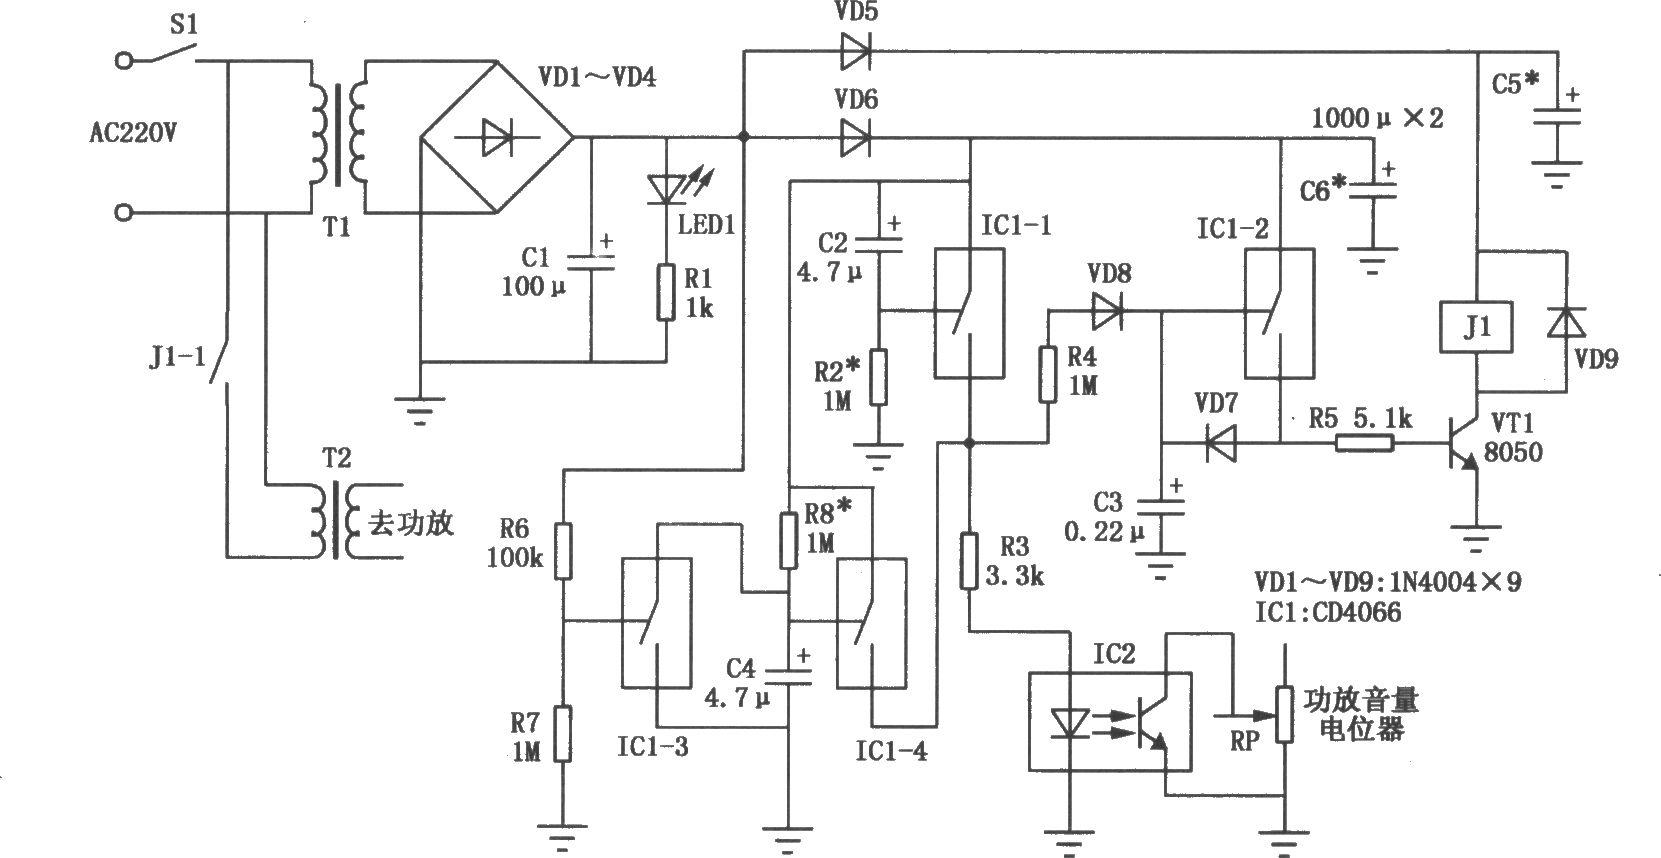 采用本电路可在扩音机功放工作前先将输入信号关掉,停机前先将音量关